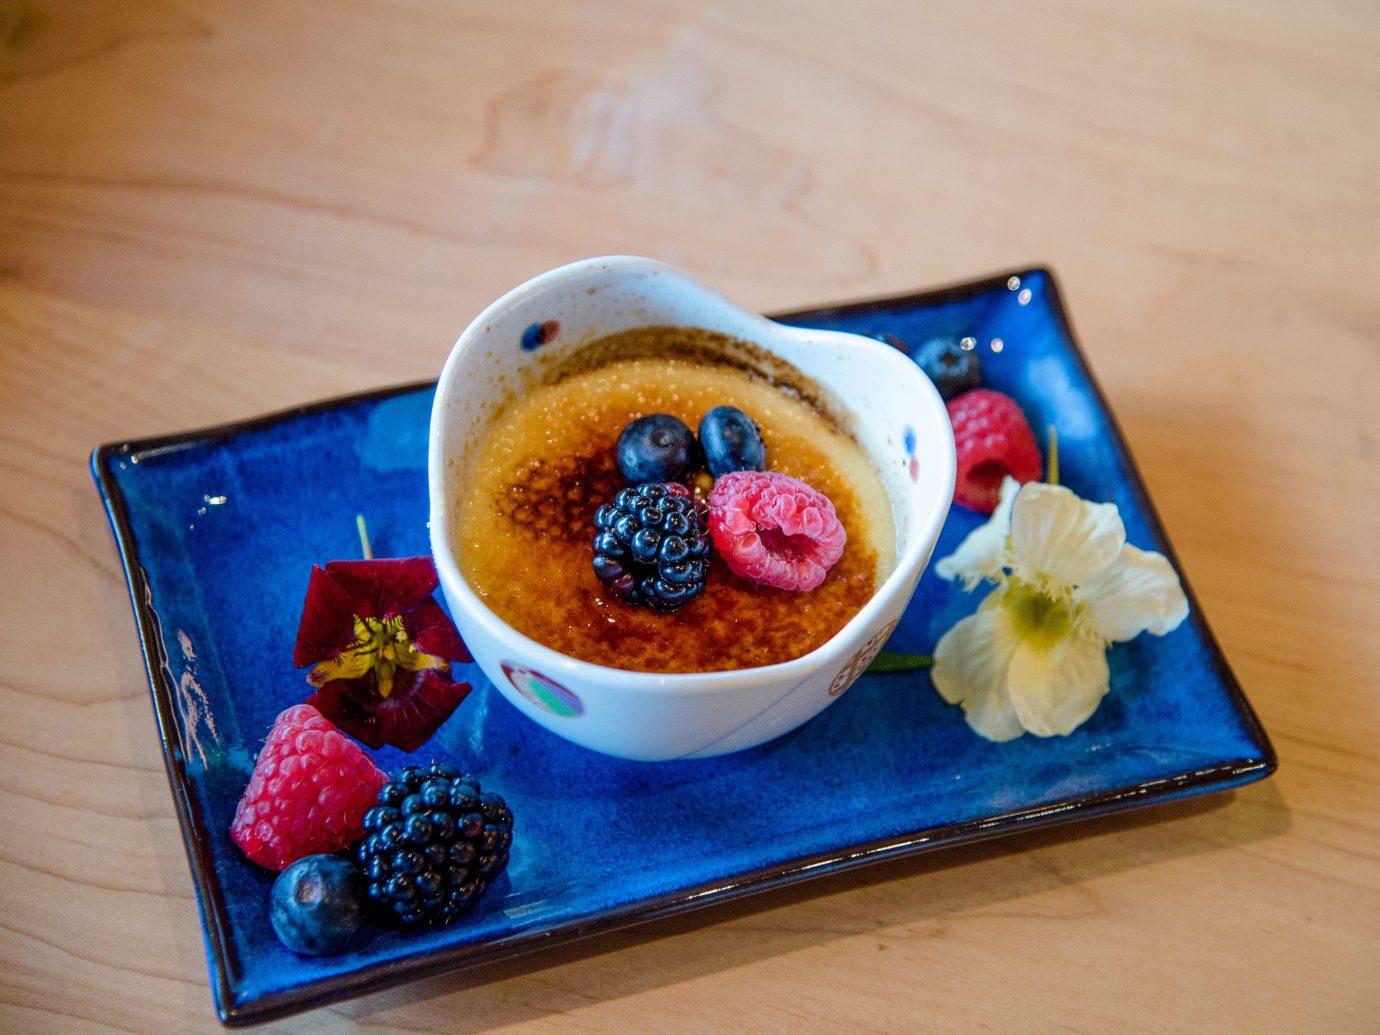 table floor indoor dessert sweetness food wooden flavor breakfast frozen dessert cuisine dish recipe